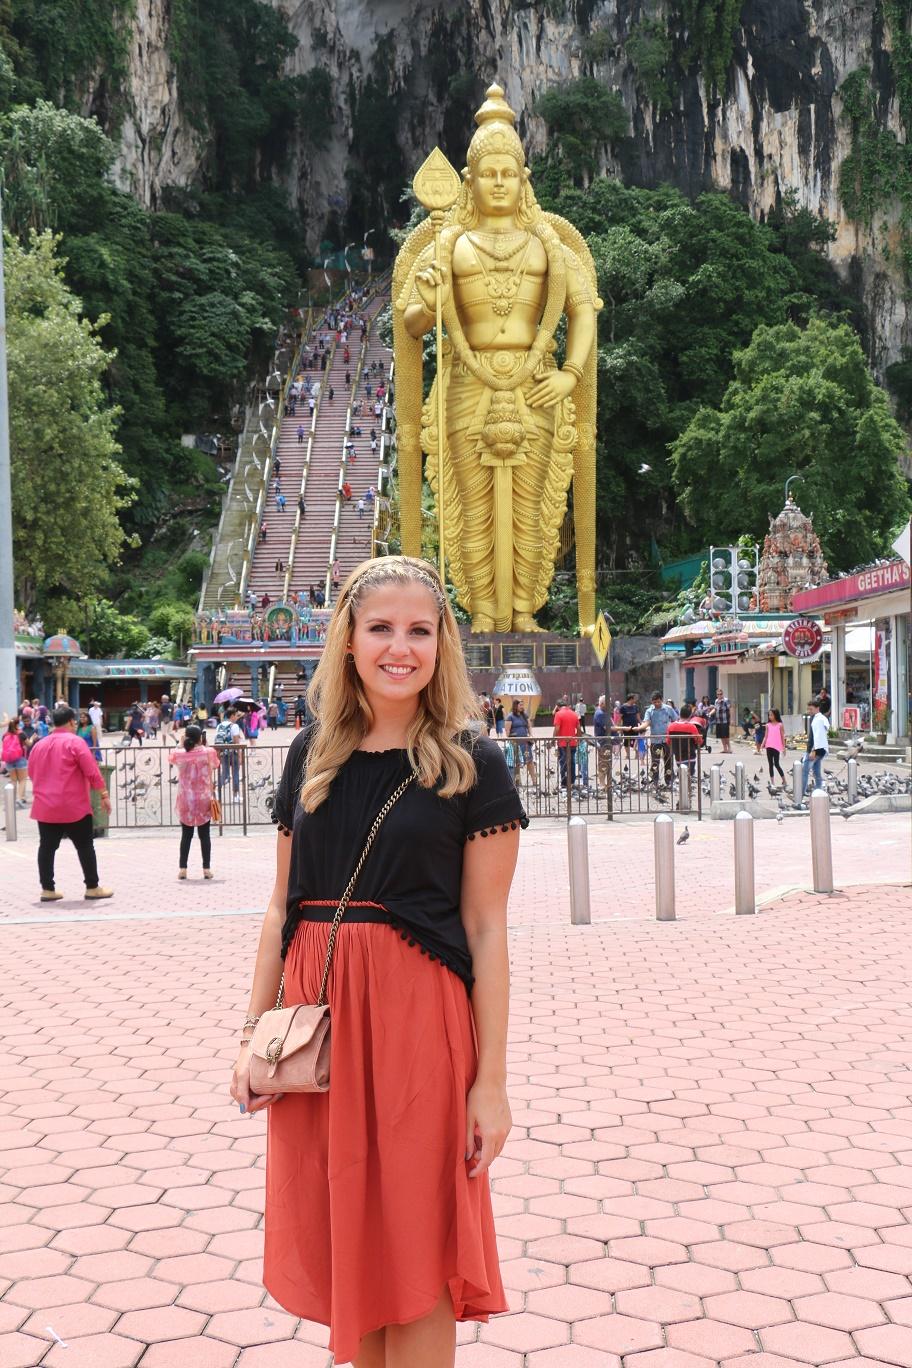 Kuala_Lumpur_Batu_Caves_thebraidedgirl